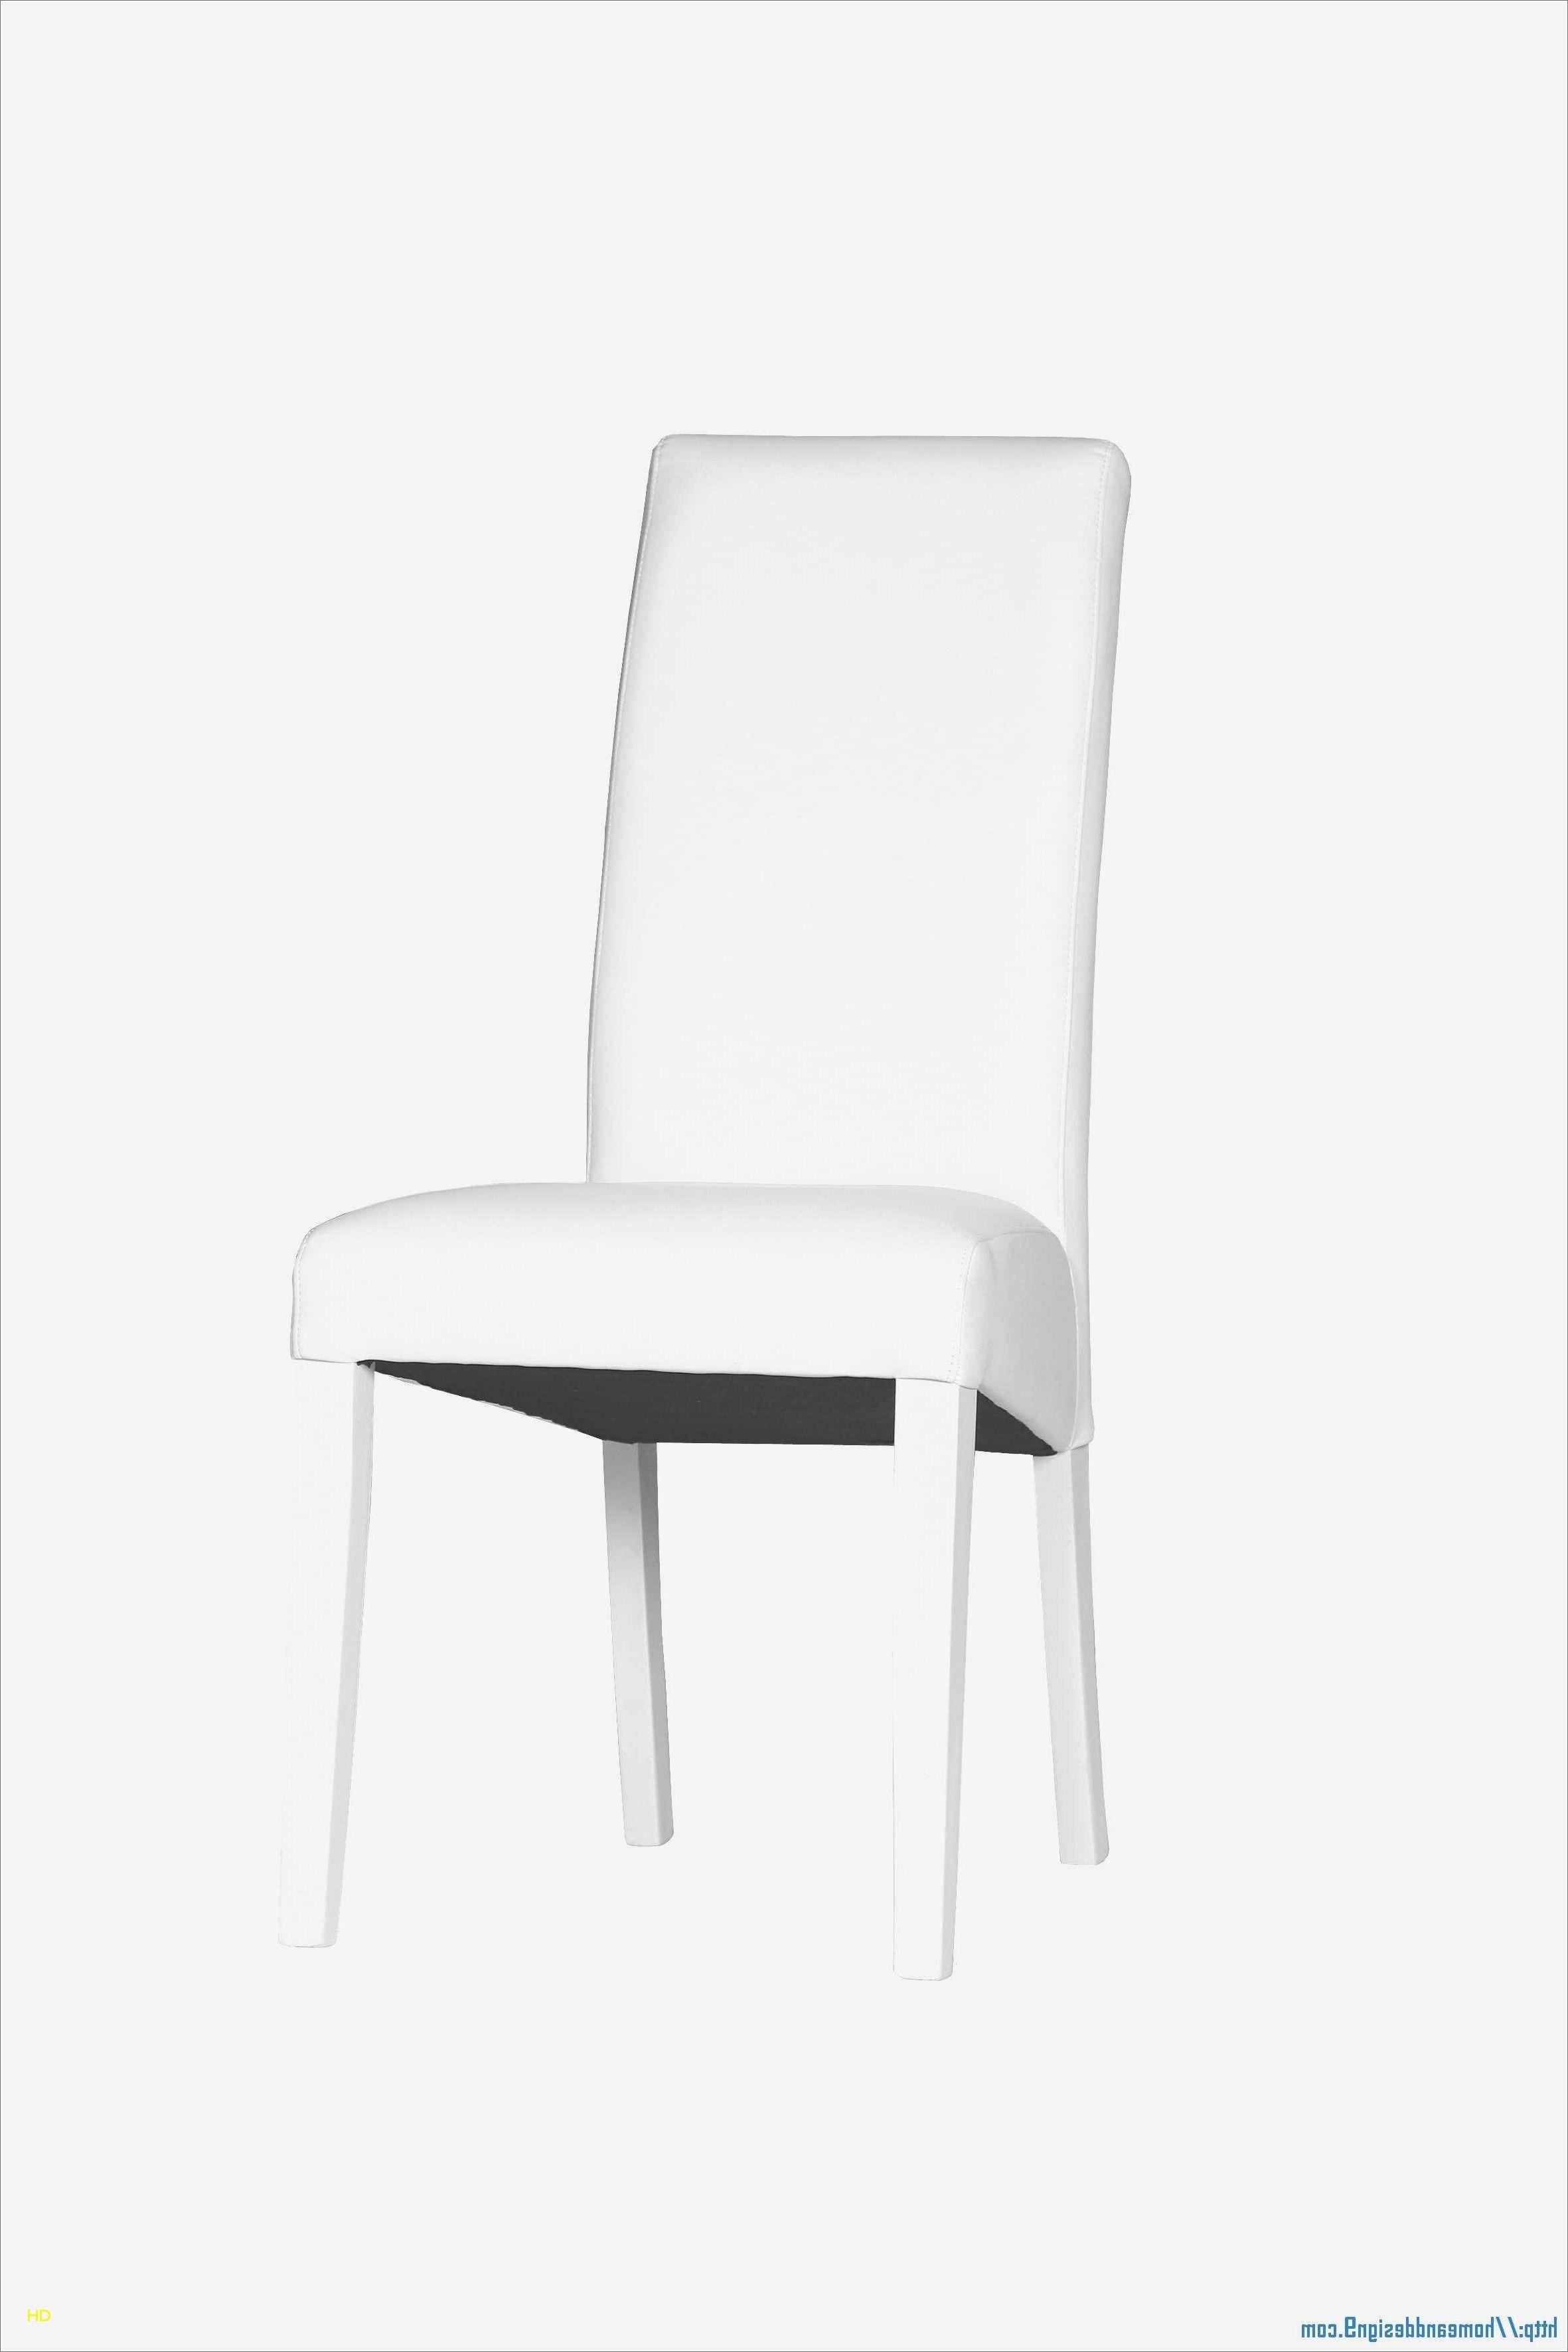 Unique Chaise De Couleur Ikea Chair Cool Furniture Home Decor